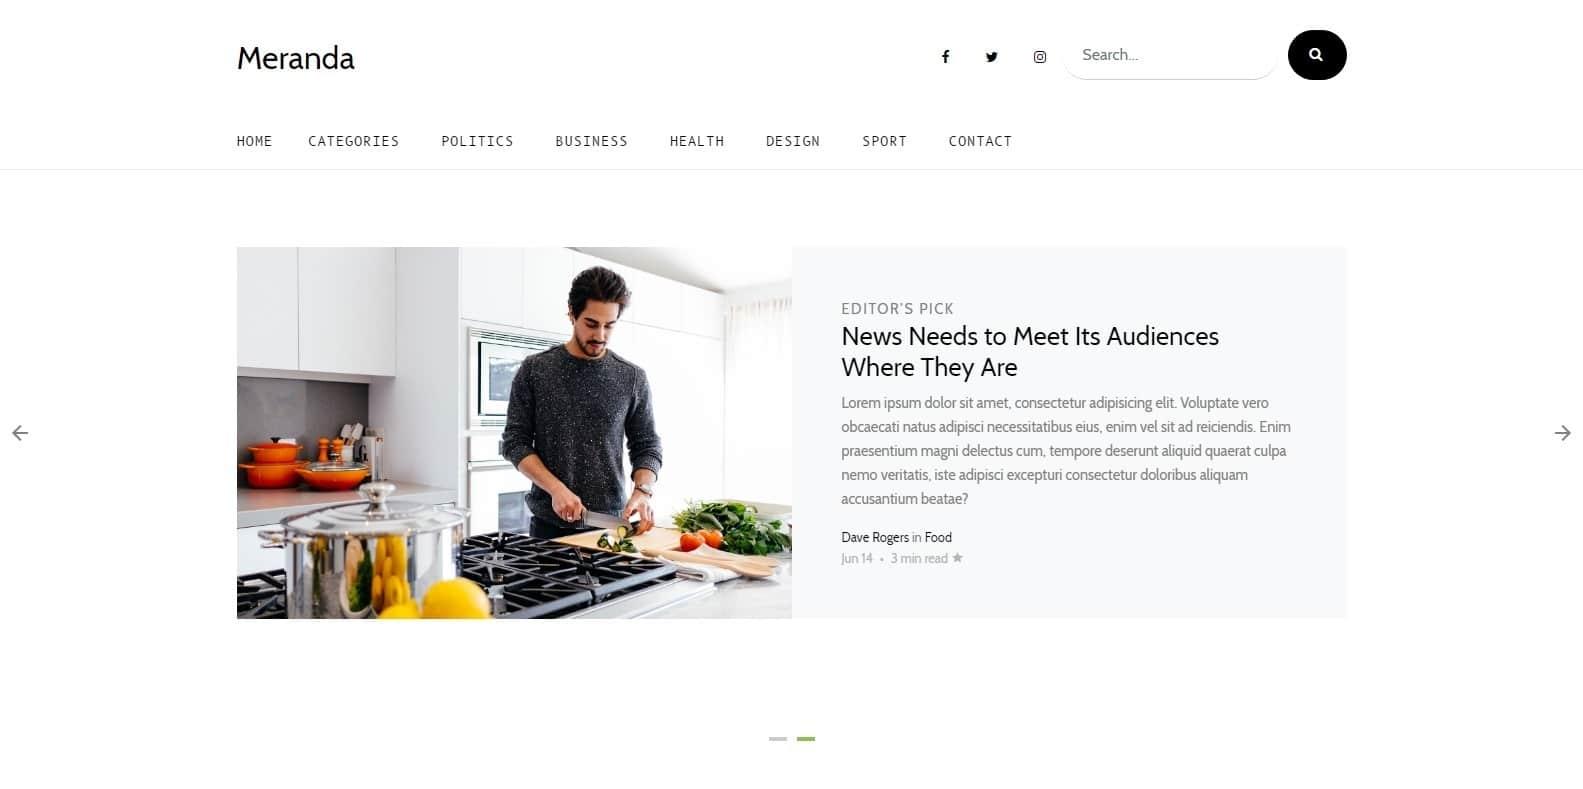 meranda-beautiful-website-template